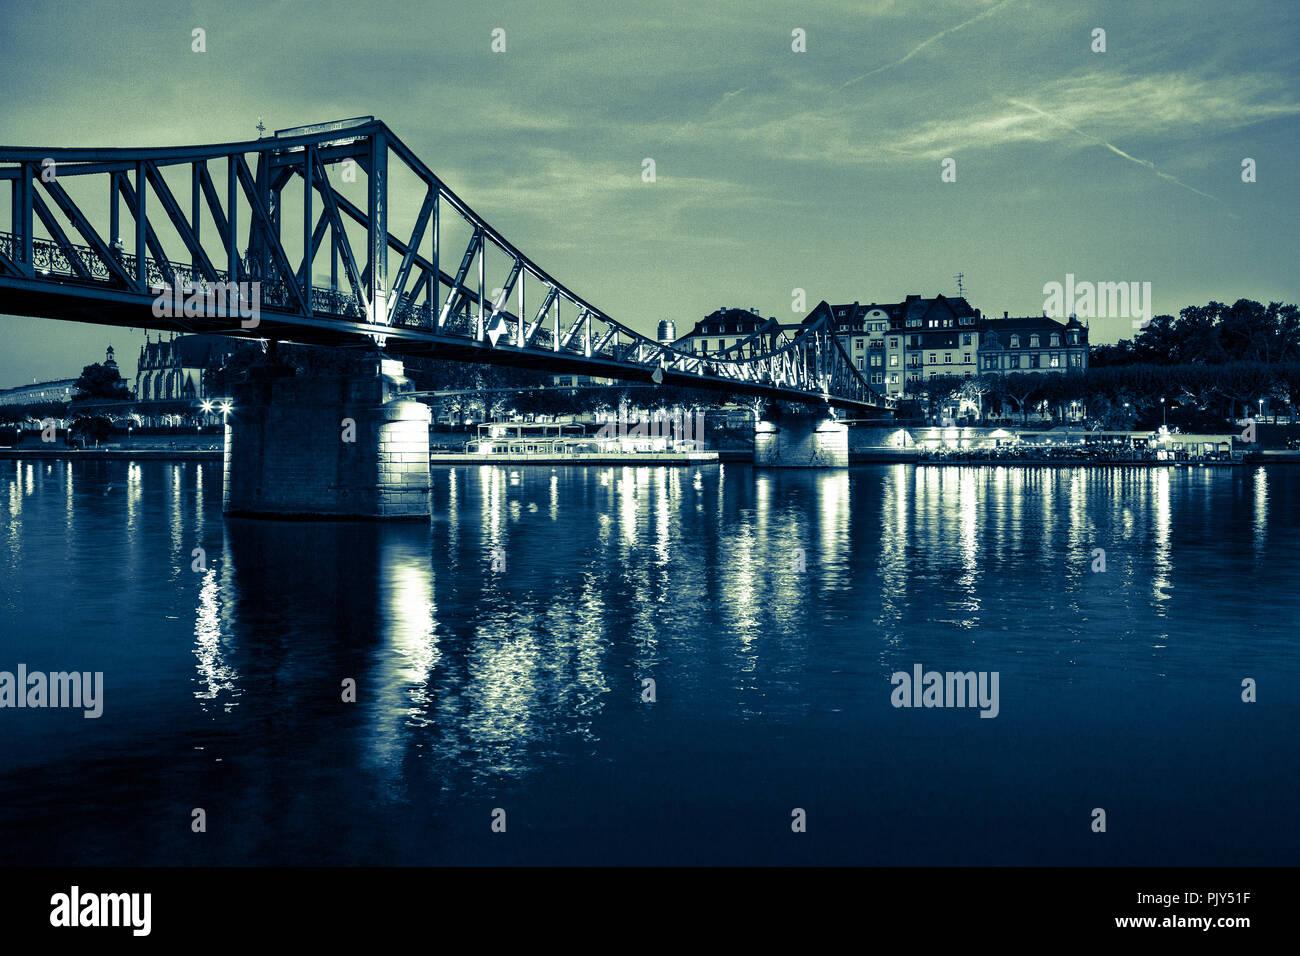 Europa Germany Hessen Rhein-Main Frankfurt am Main Eiserner Steg bei Nacht crossentwicklung - Stock Image